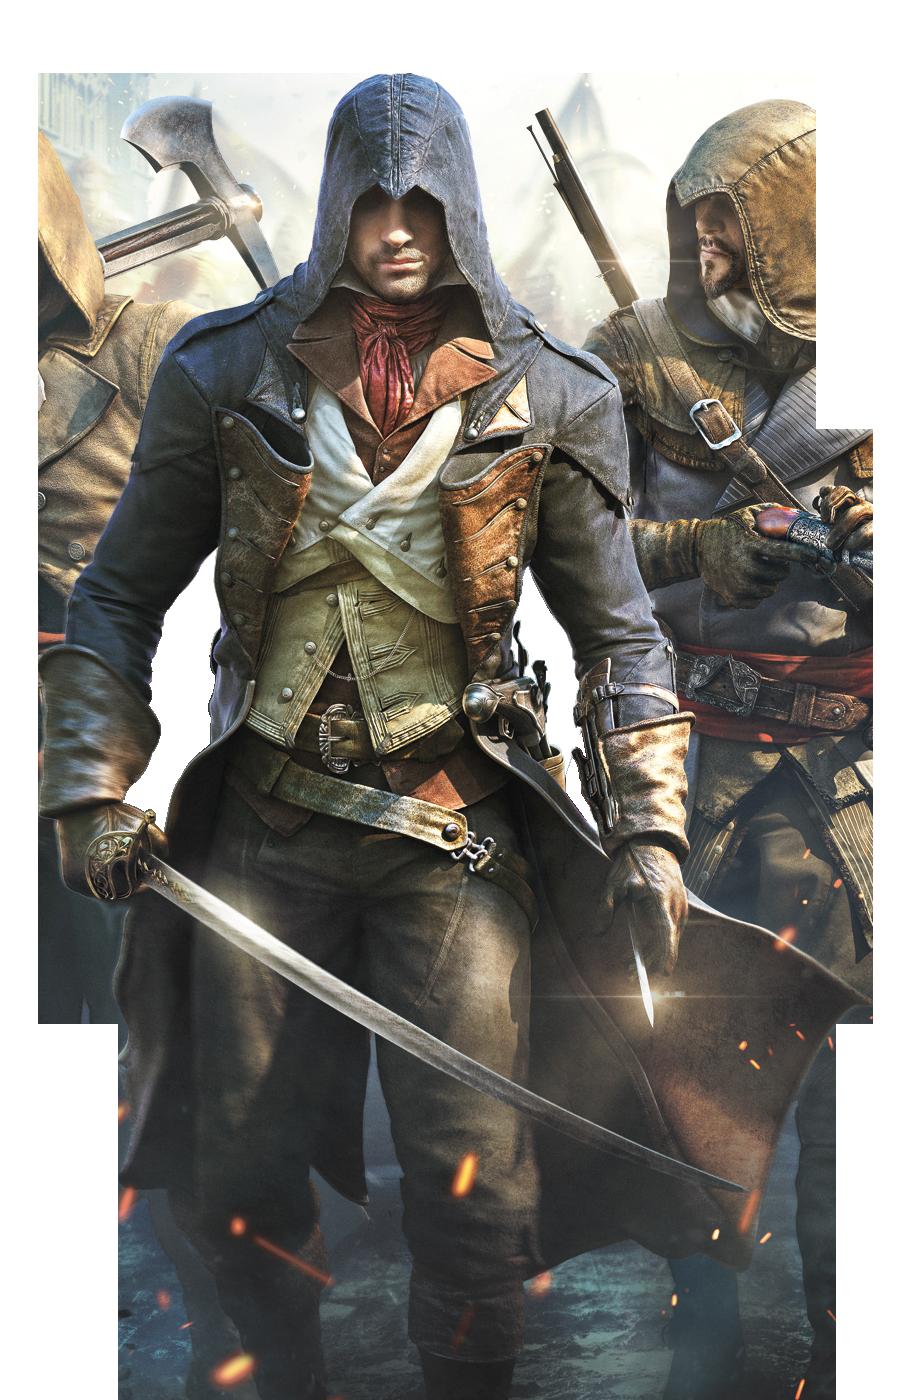 Assassin S Creed Unity Render By Zero0kiryu On Deviantart Assassins Creed Unity Arno Assassins Creed Artwork Assassins Creed Unity